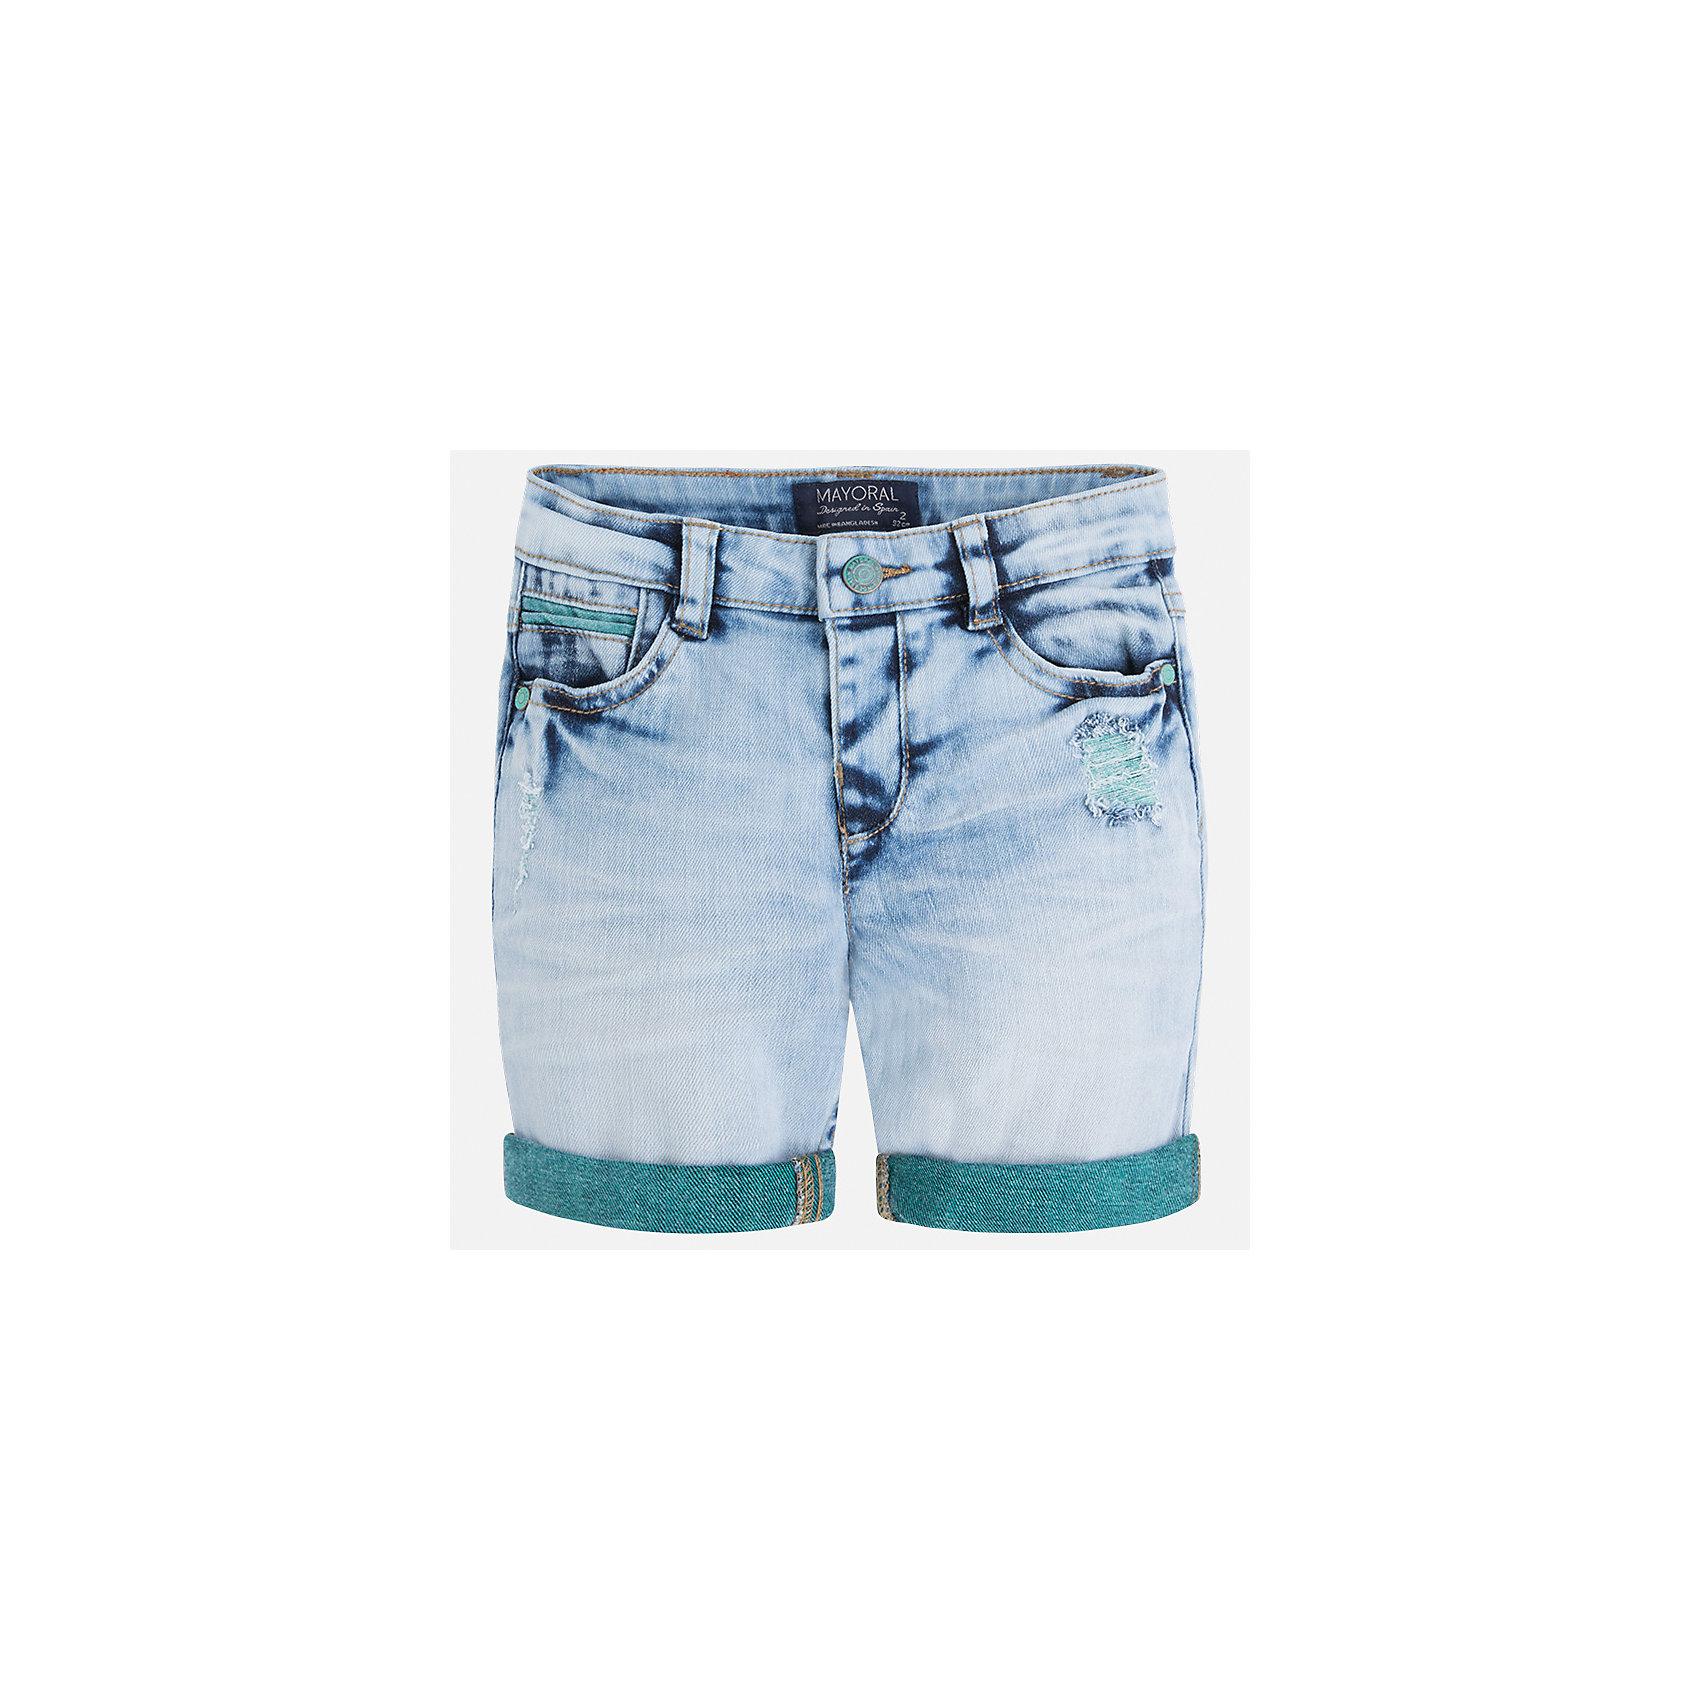 Бриджи джинсовые для мальчика MayoralХарактеристики товара:<br><br>• цвет: голубой<br>• состав: 99% хлопок, 1% эластан<br>• шлевки<br>• карманы<br>• пояс с регулировкой объема<br>• имитация потертости<br>• страна бренда: Испания<br><br>Модные бриджи для мальчика смогут стать базовой вещью в гардеробе ребенка. Они отлично сочетаются с майками, футболками, рубашками и т.д. Универсальный крой и цвет позволяет подобрать к вещи верх разных расцветок. Практичное и стильное изделие! В составе материала - натуральный хлопок, гипоаллергенный, приятный на ощупь, дышащий.<br><br>Одежда, обувь и аксессуары от испанского бренда Mayoral полюбились детям и взрослым по всему миру. Модели этой марки - стильные и удобные. Для их производства используются только безопасные, качественные материалы и фурнитура. Порадуйте ребенка модными и красивыми вещами от Mayoral! <br><br>Бриджи для мальчика от испанского бренда Mayoral (Майорал) можно купить в нашем интернет-магазине.<br><br>Ширина мм: 191<br>Глубина мм: 10<br>Высота мм: 175<br>Вес г: 273<br>Цвет: голубой<br>Возраст от месяцев: 24<br>Возраст до месяцев: 36<br>Пол: Мужской<br>Возраст: Детский<br>Размер: 122,116,92,104,128,98,134,110<br>SKU: 5272630